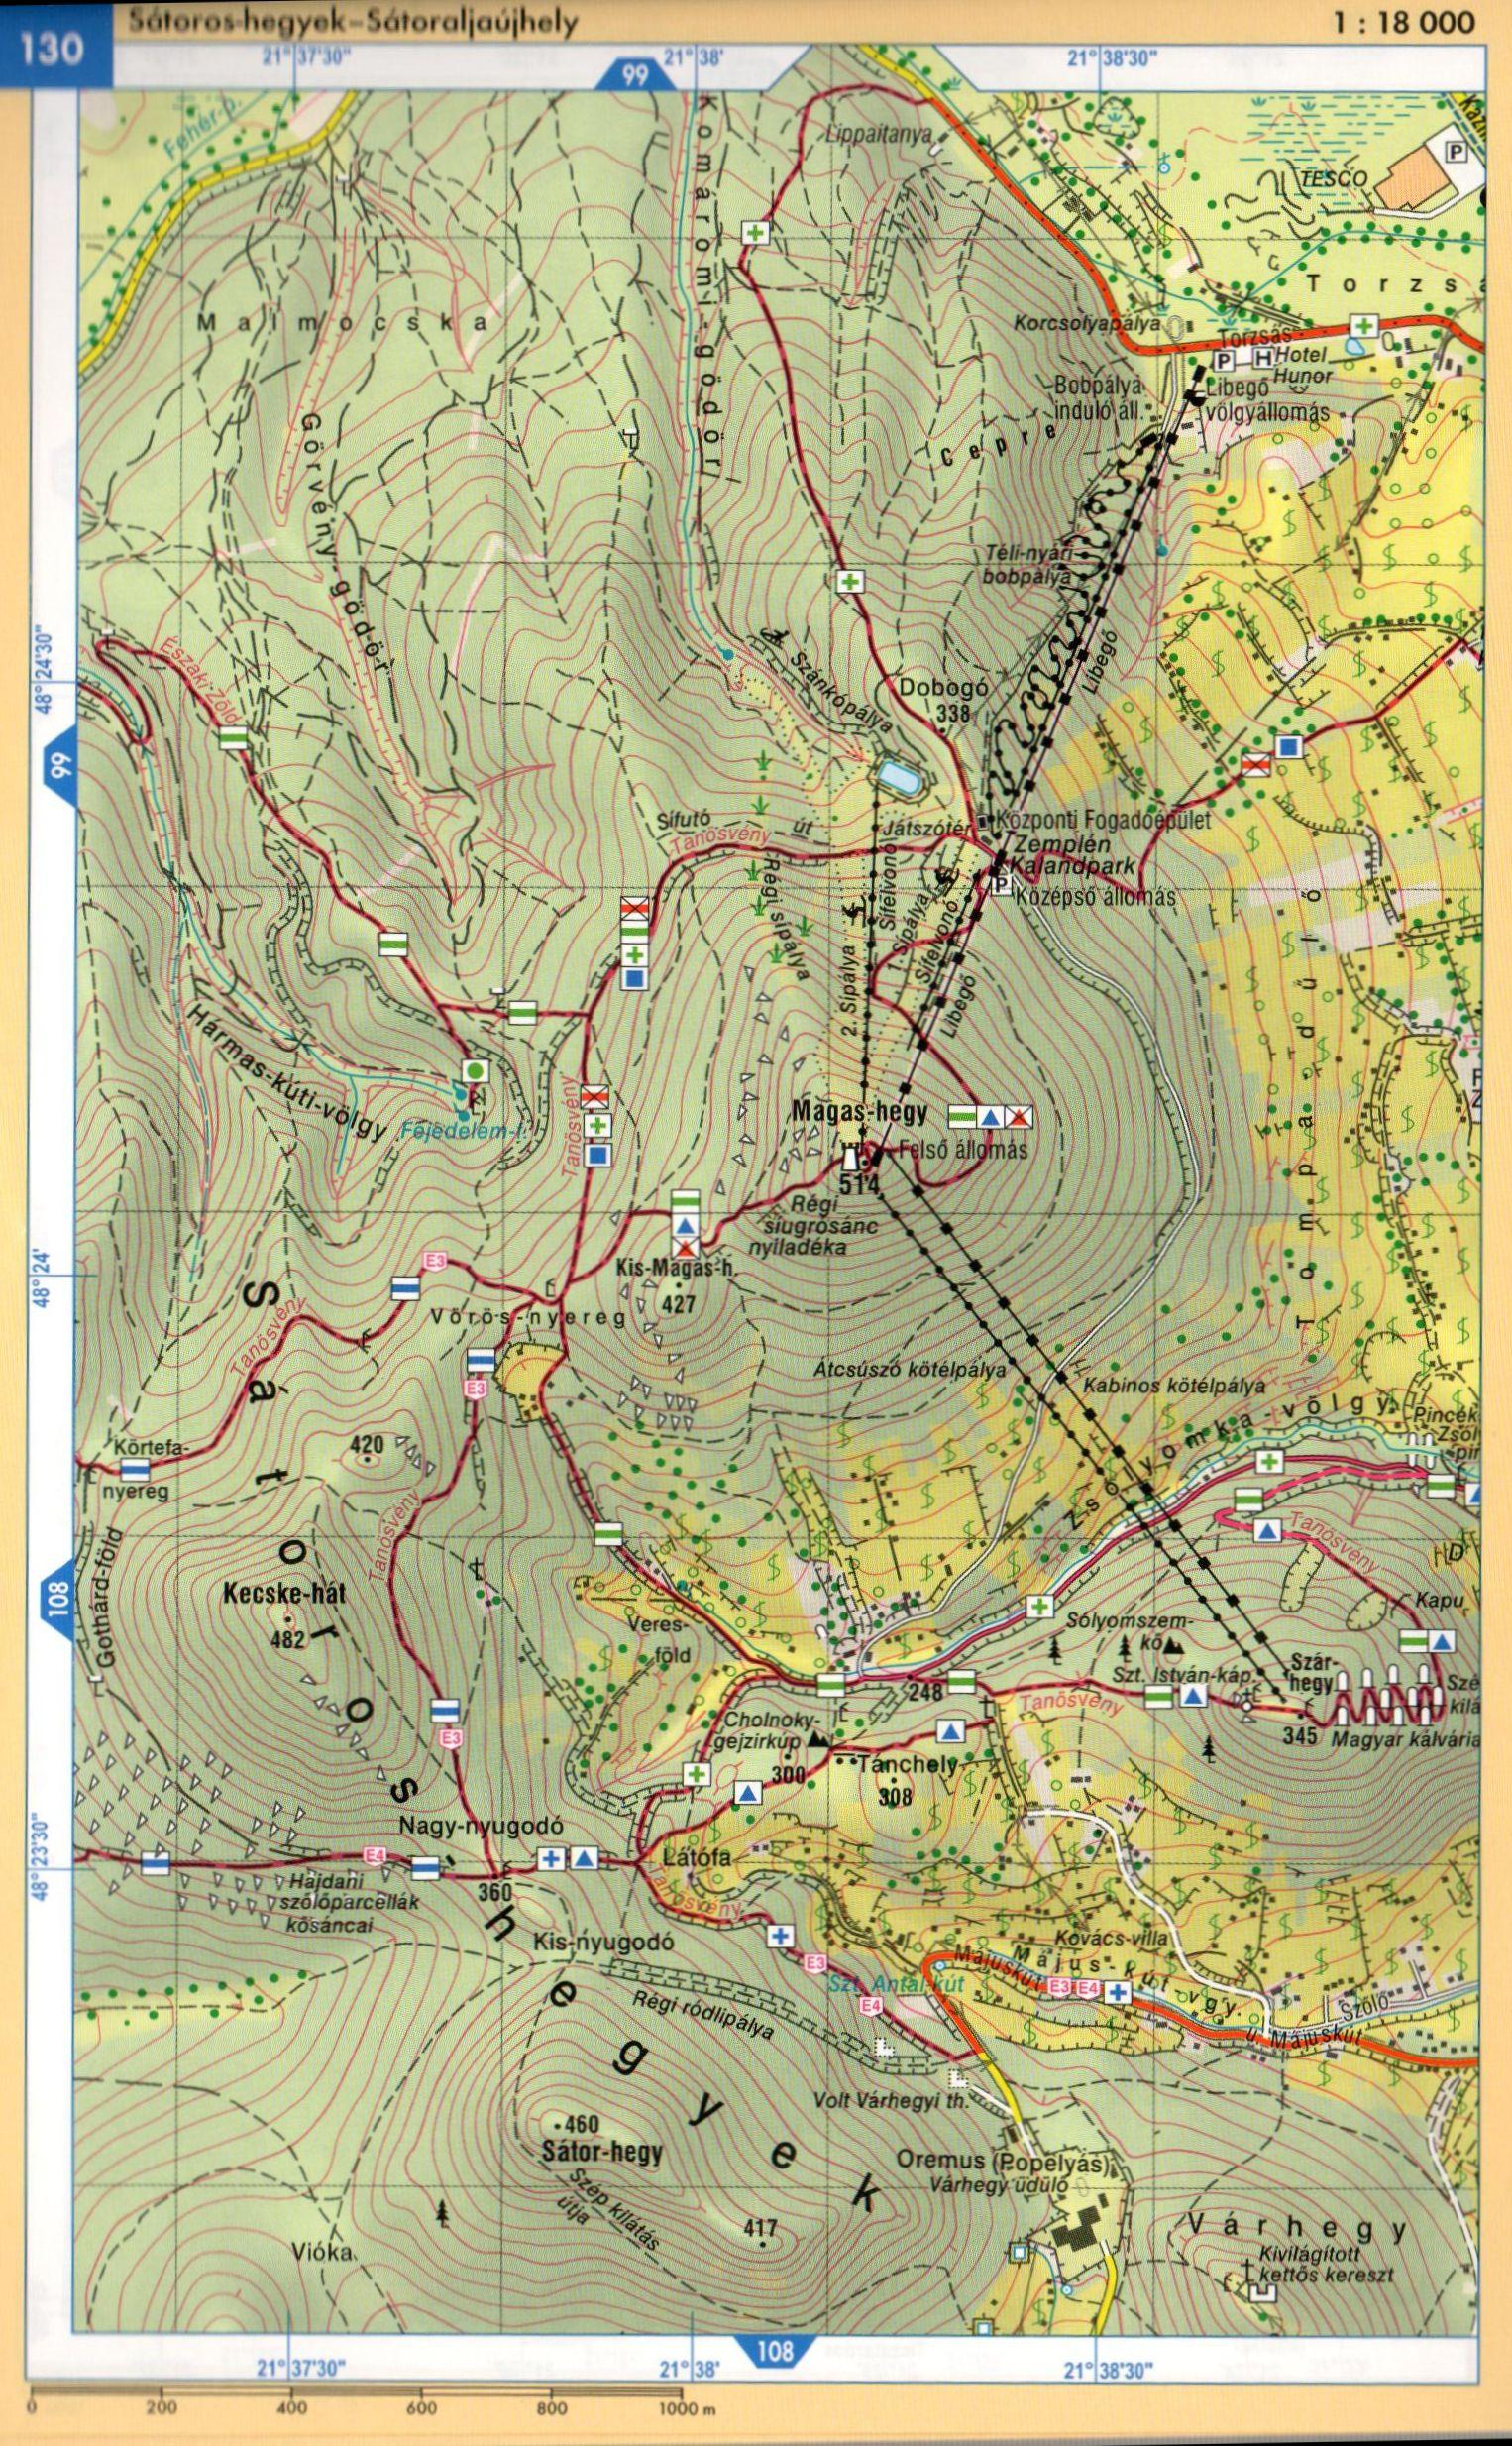 Zemplén atlasz mintatérkép 1:18.000